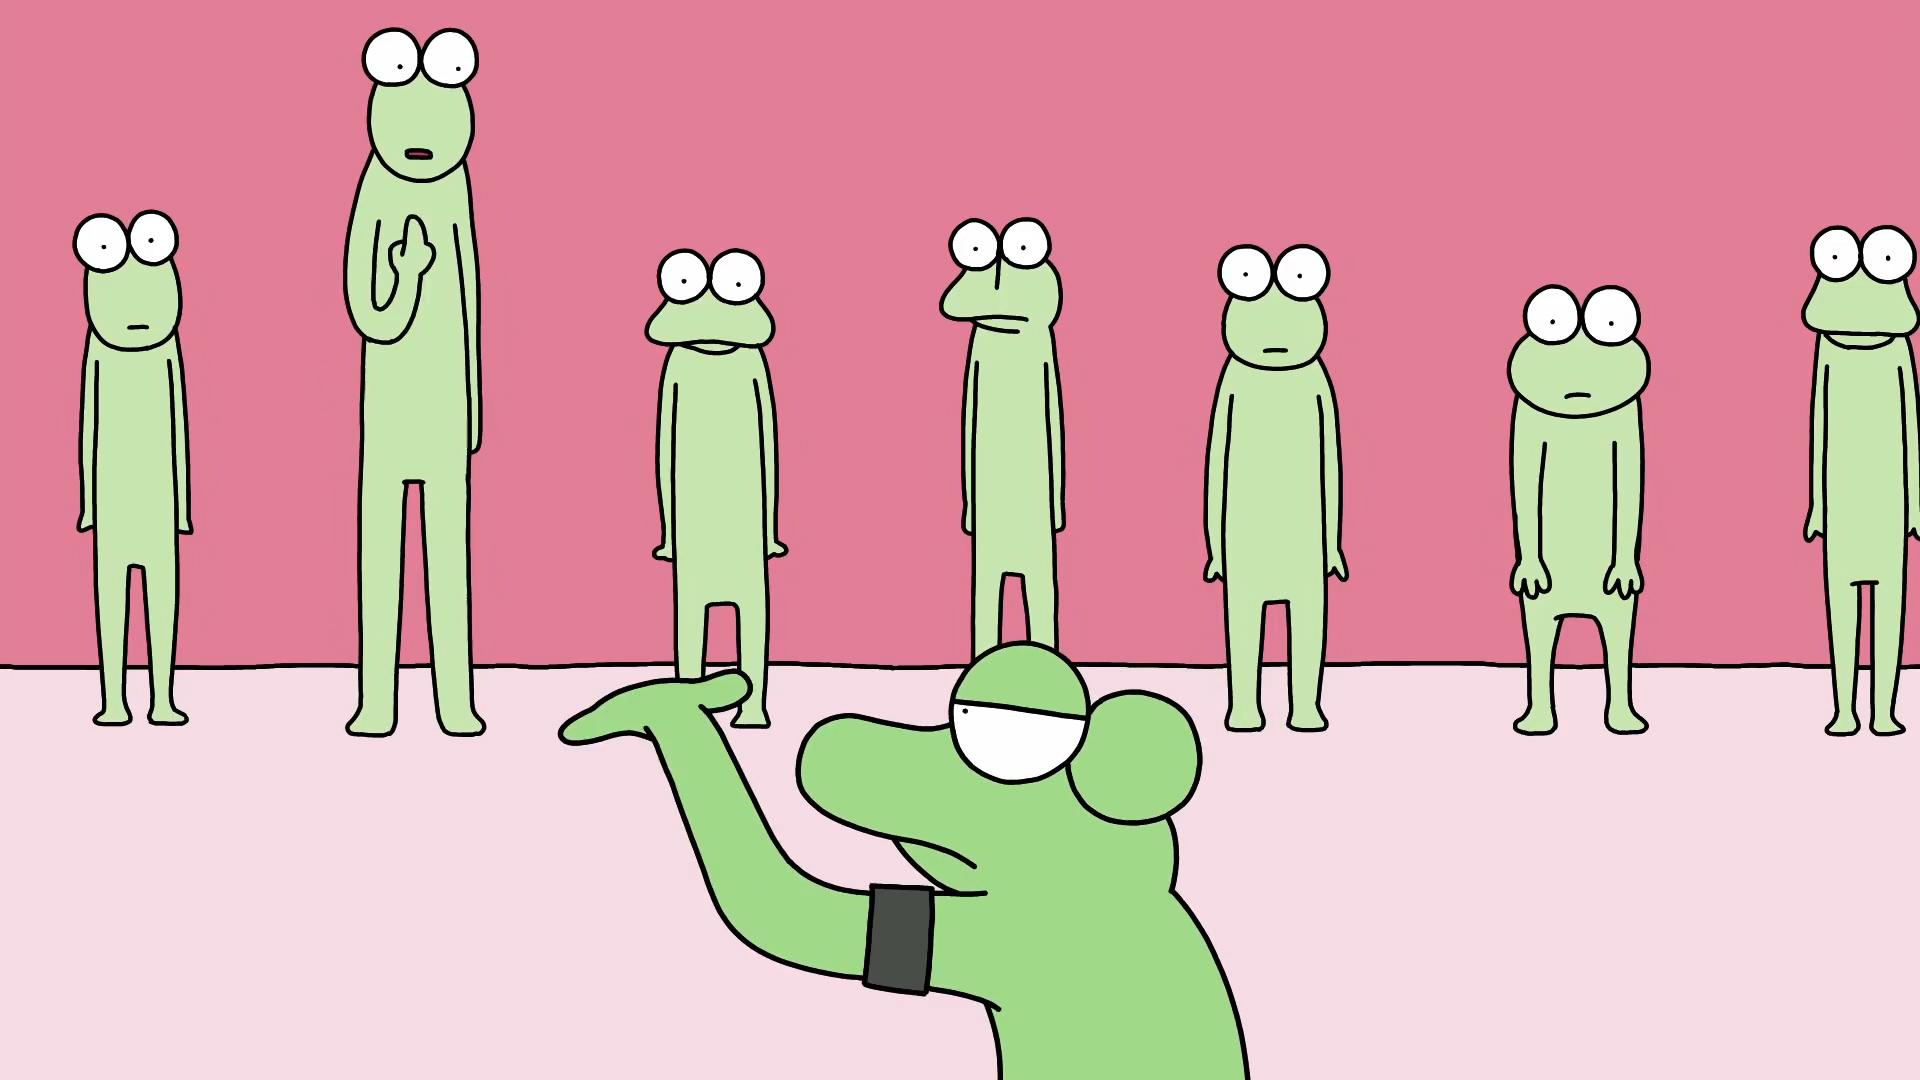 队伍参差不齐怎么办?别担心,交给蛙哥来解决,强迫症人表示很淦